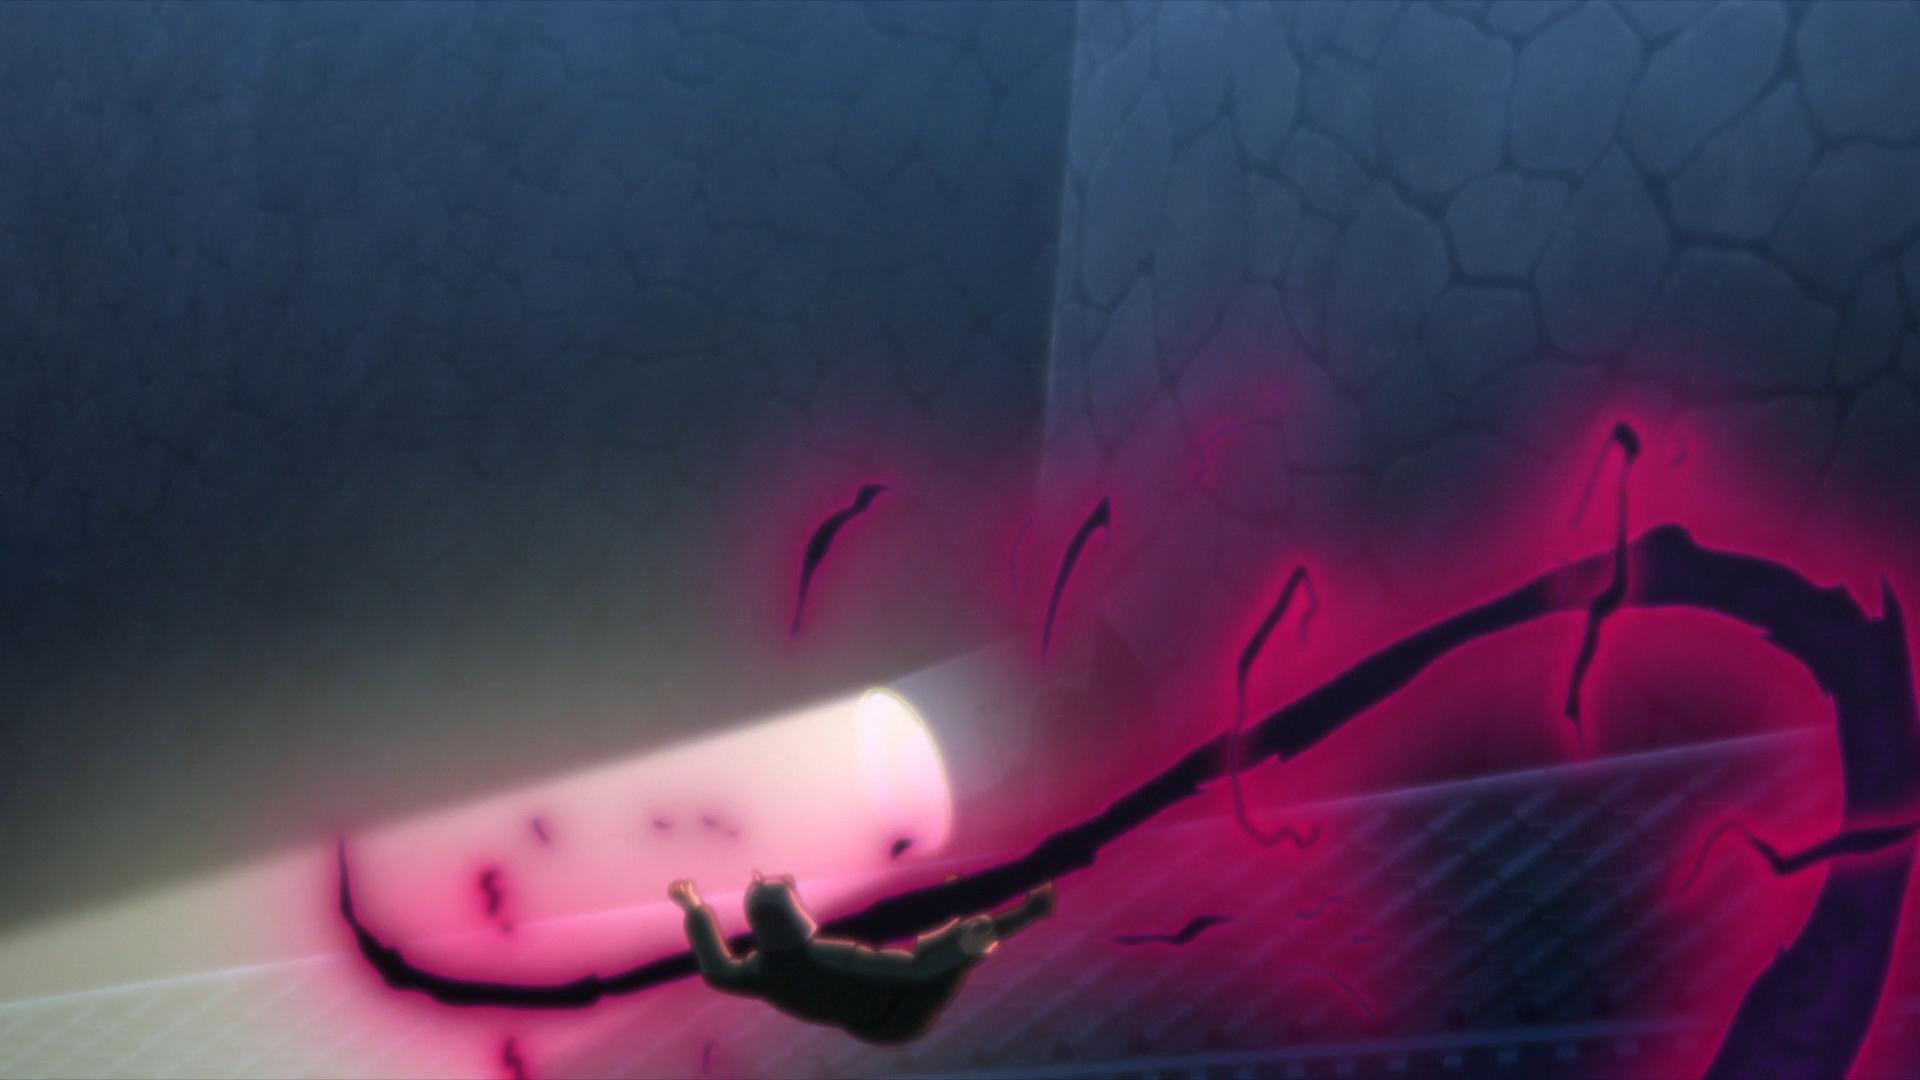 Técnica do Chicote das Sombras